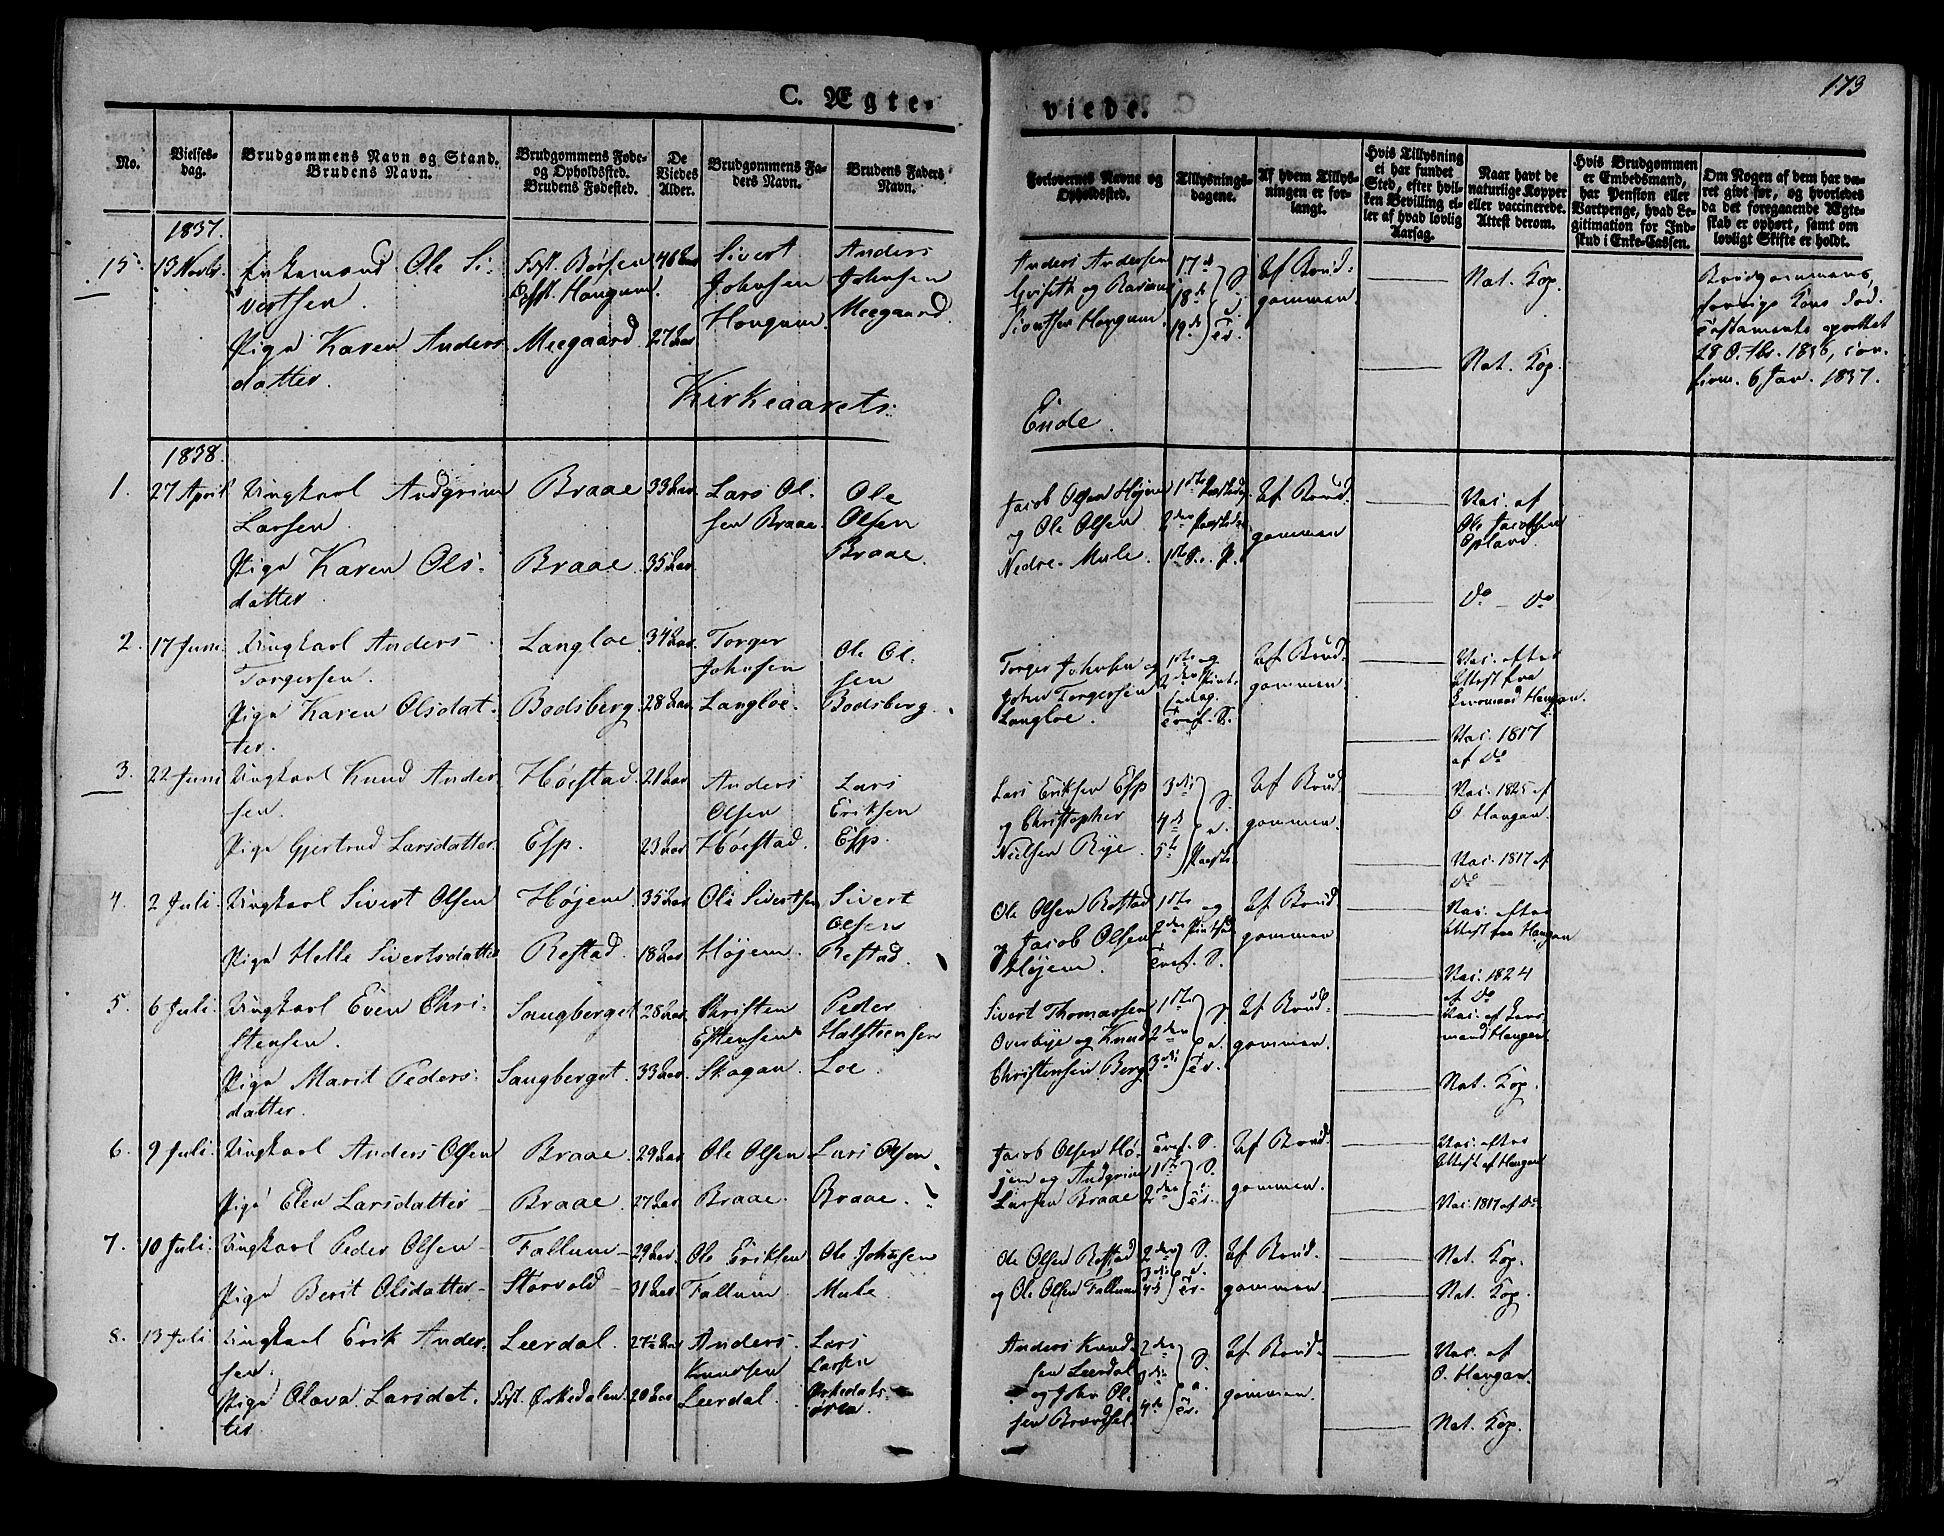 SAT, Ministerialprotokoller, klokkerbøker og fødselsregistre - Sør-Trøndelag, 612/L0374: Ministerialbok nr. 612A07 /1, 1829-1845, s. 173